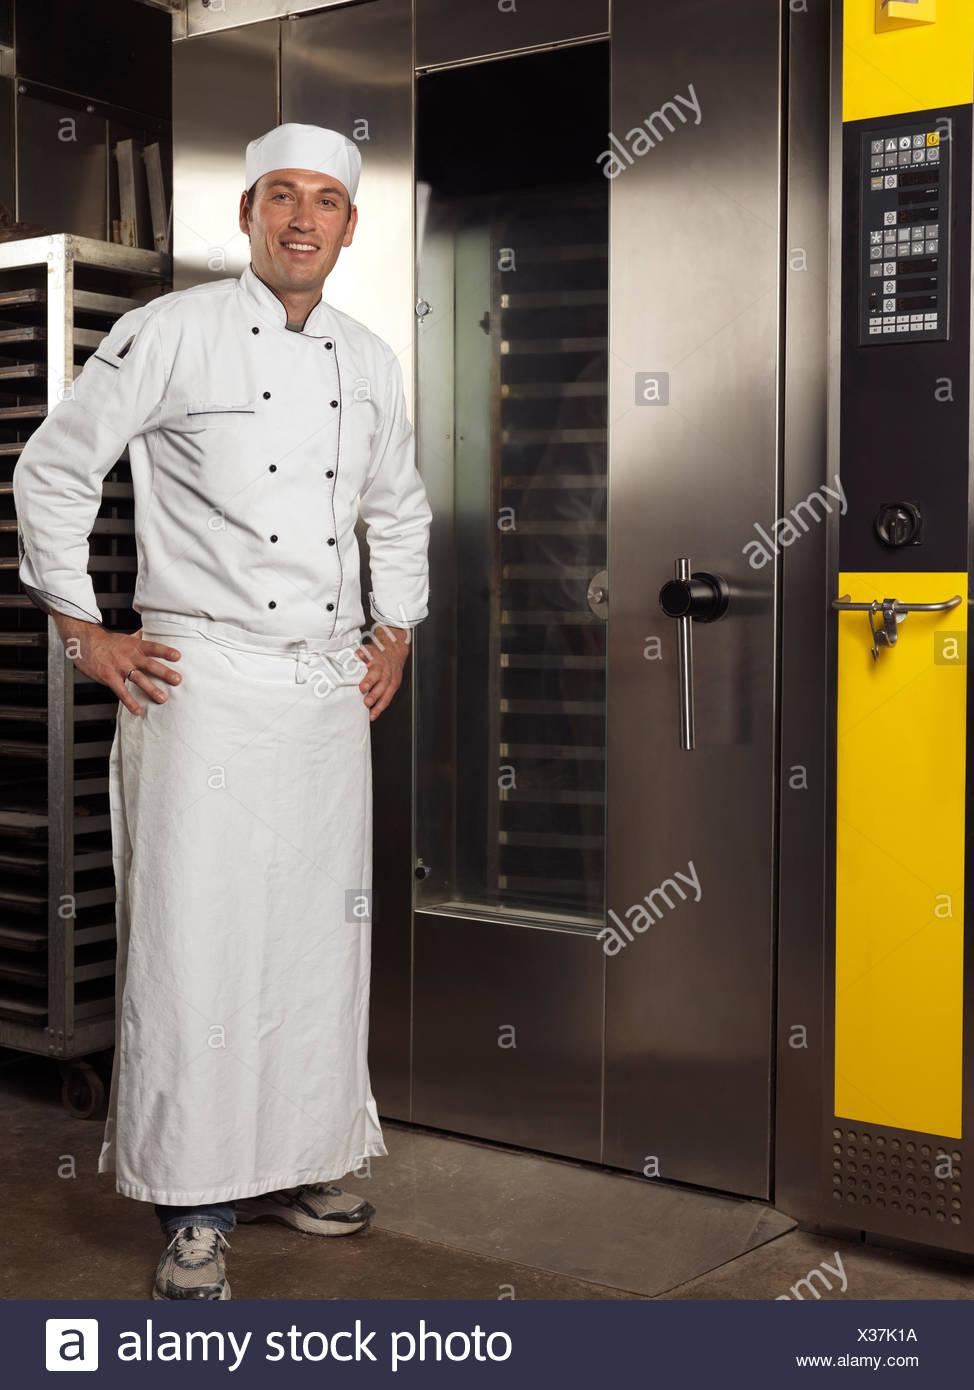 Baker sonriente frente a un horno de panadería comercial Imagen De Stock